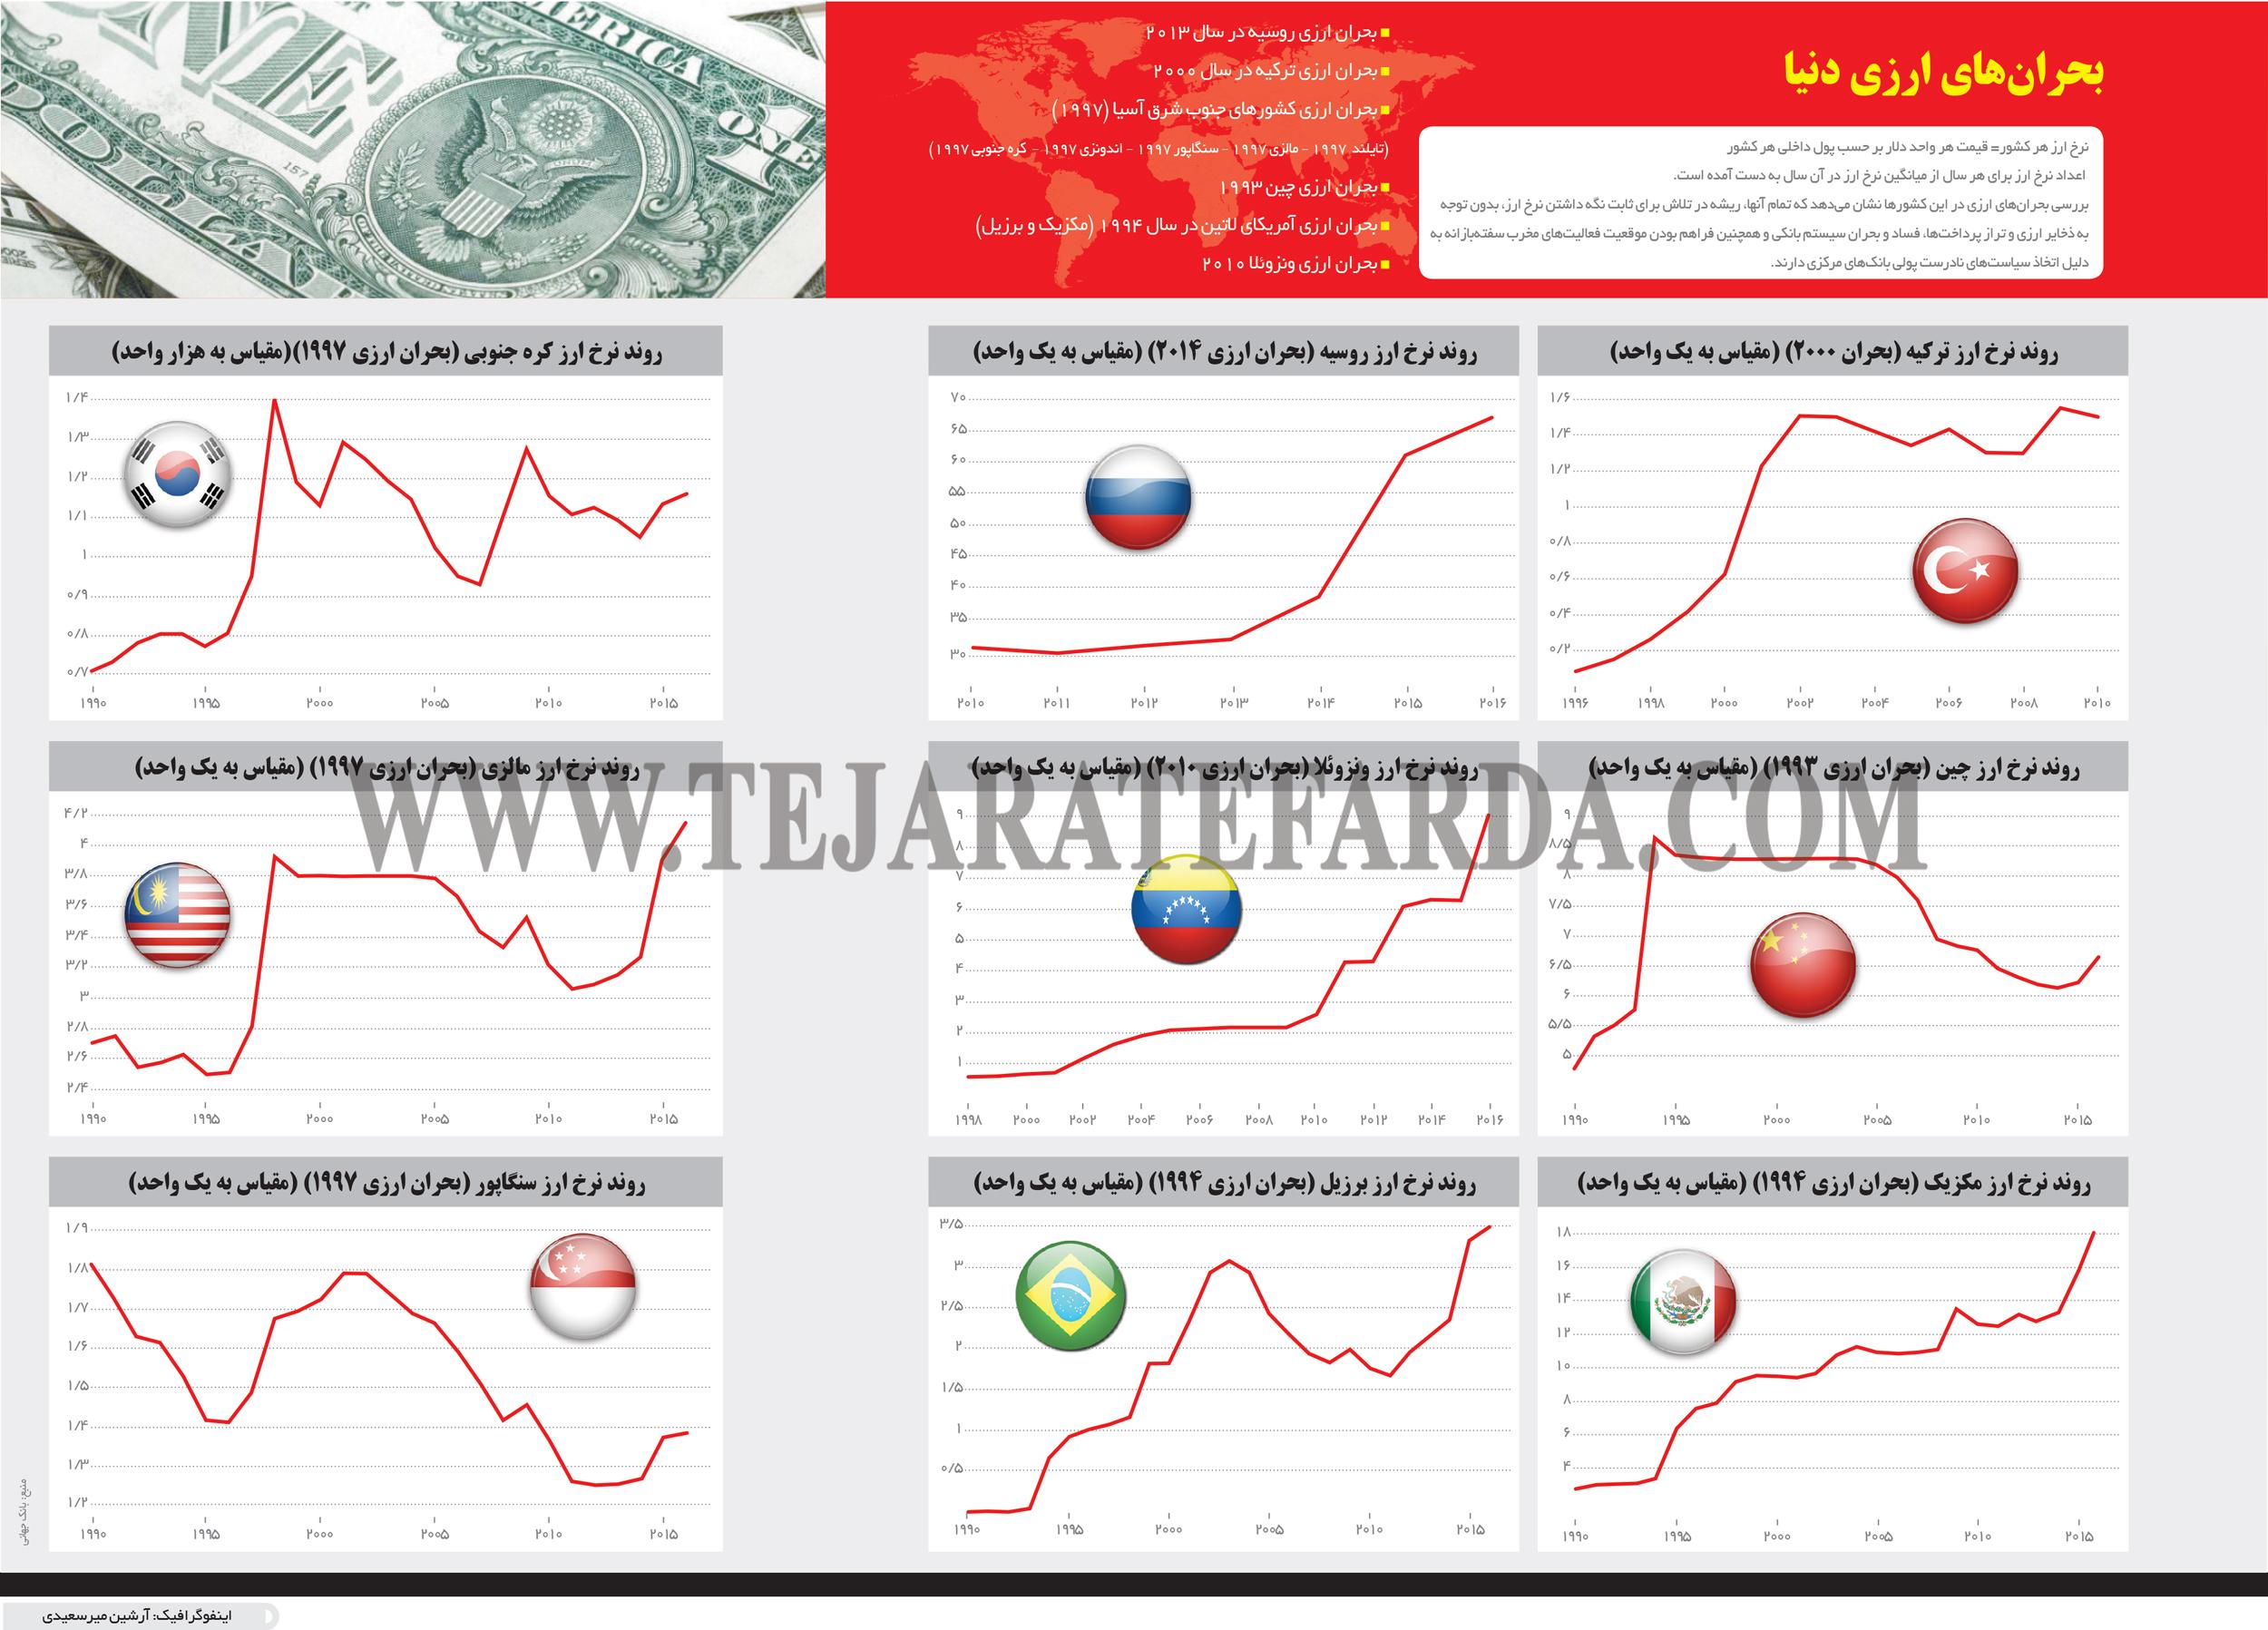 تجارت- فردا- بحرانهای ارزی دنیا(اینفوگرافیک)